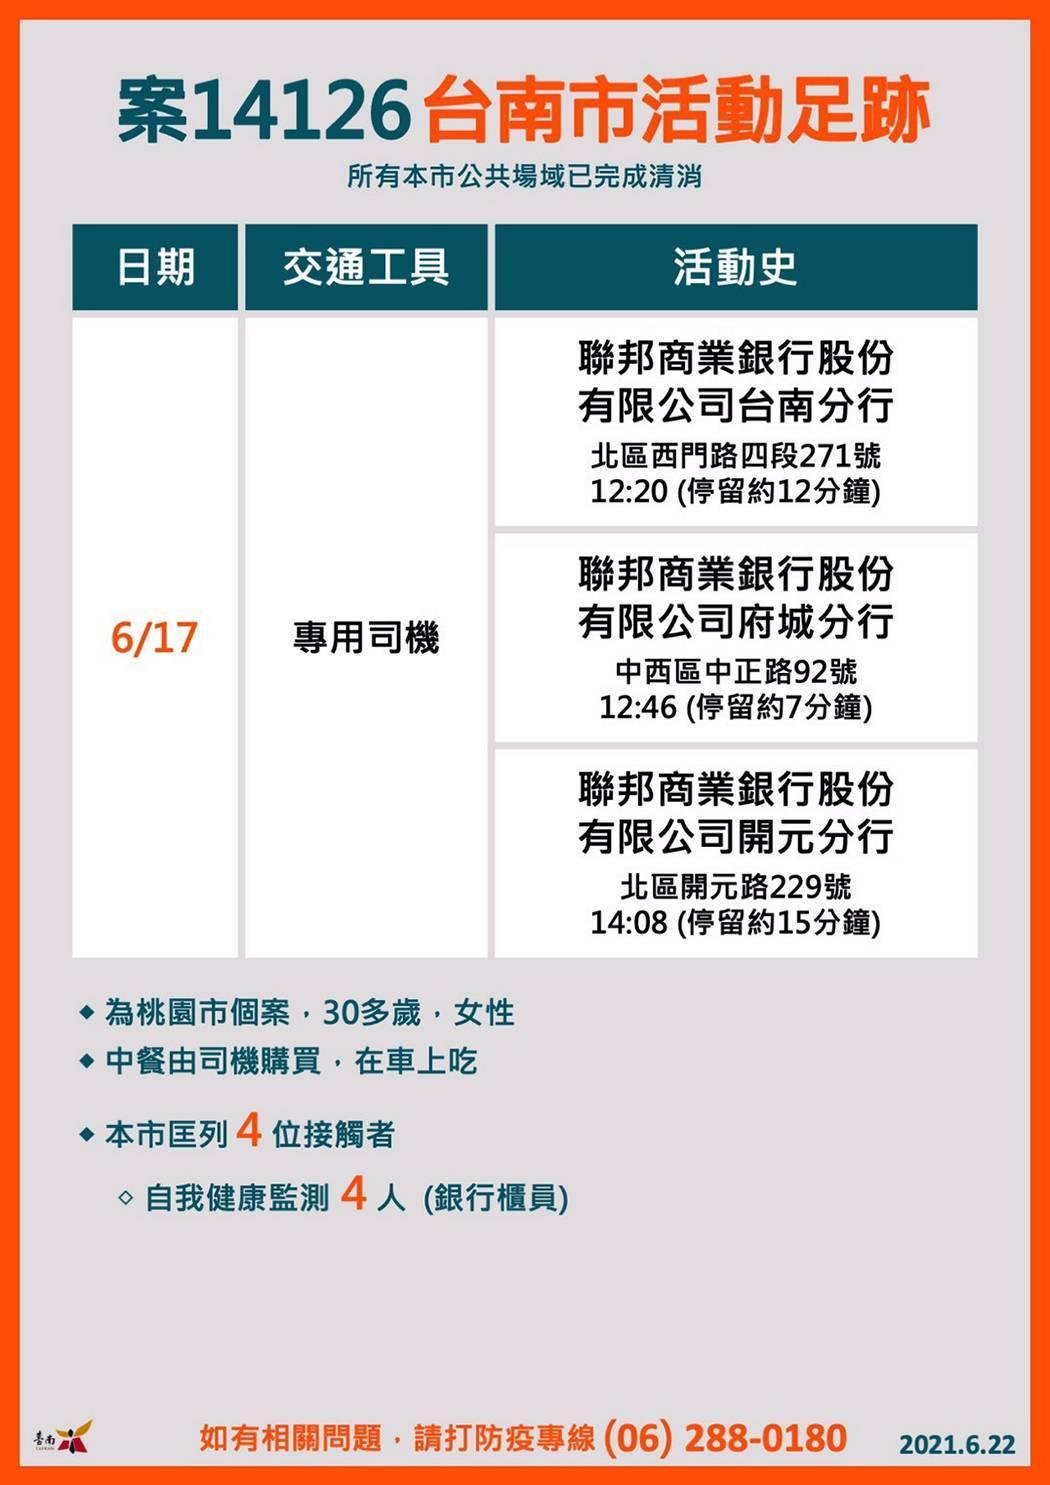 1100622案14126台南市活動足跡